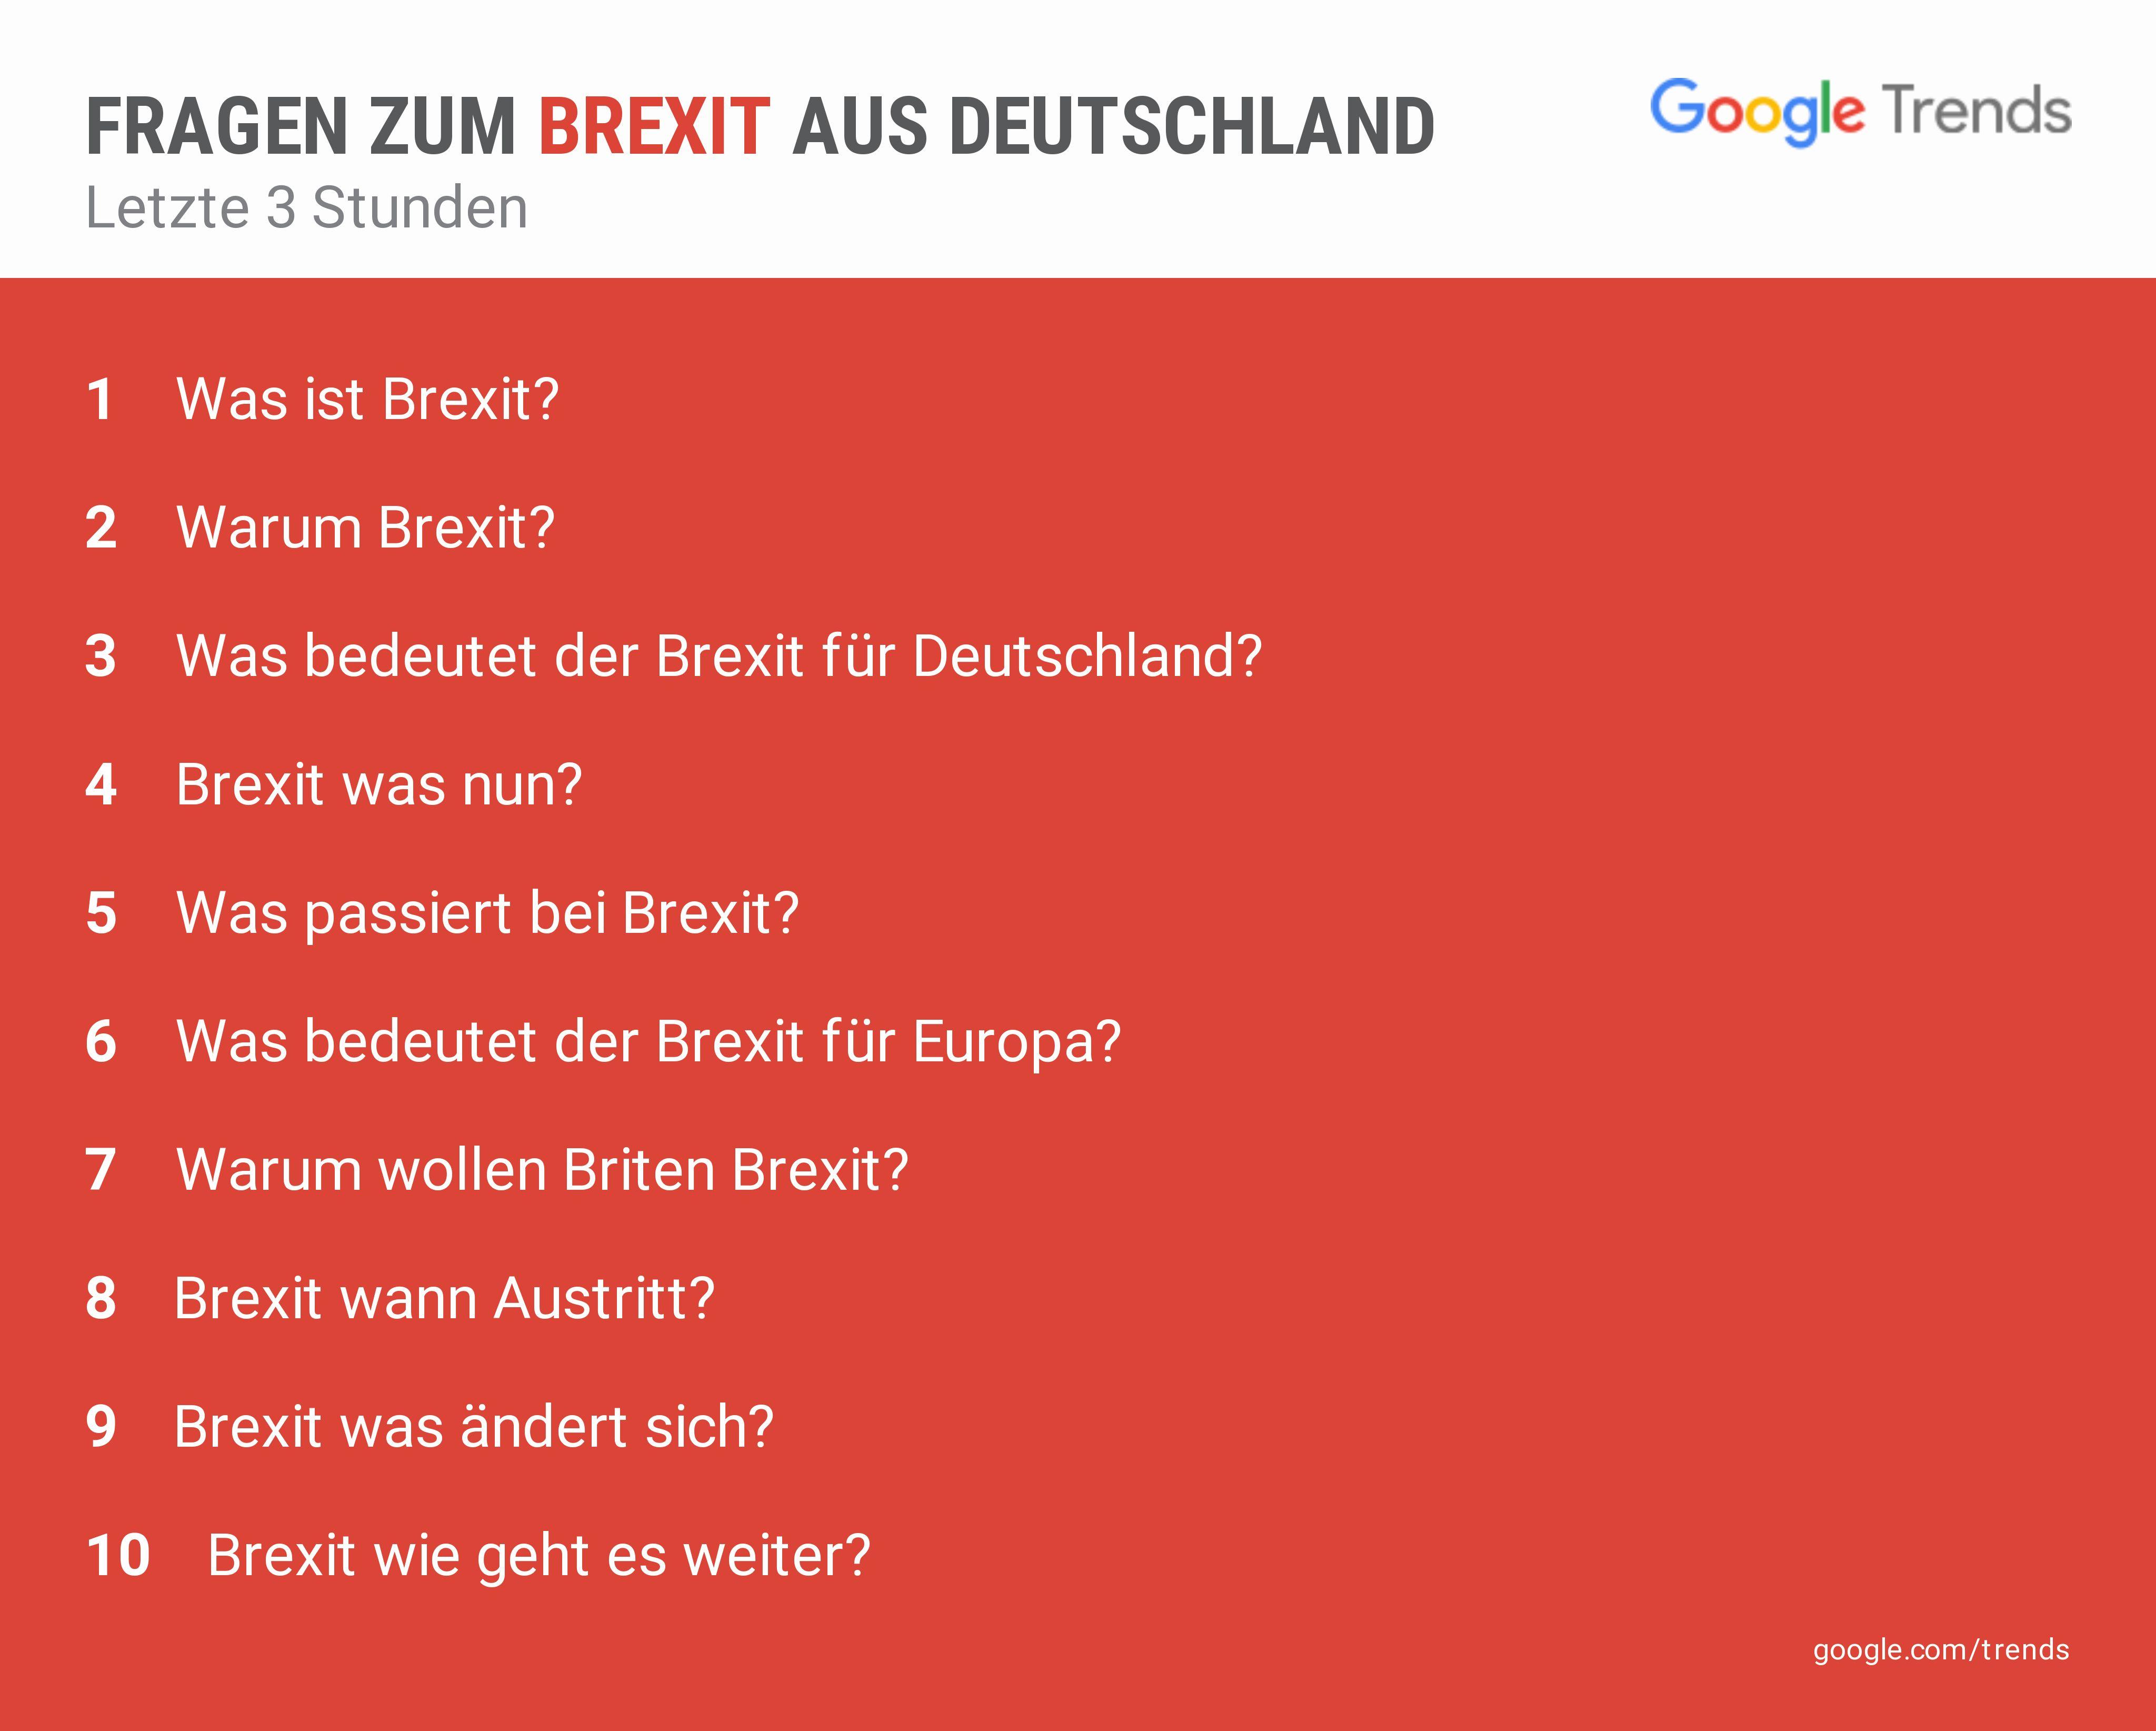 Meistgesuchte Fragen zum Brexit in Deutschland